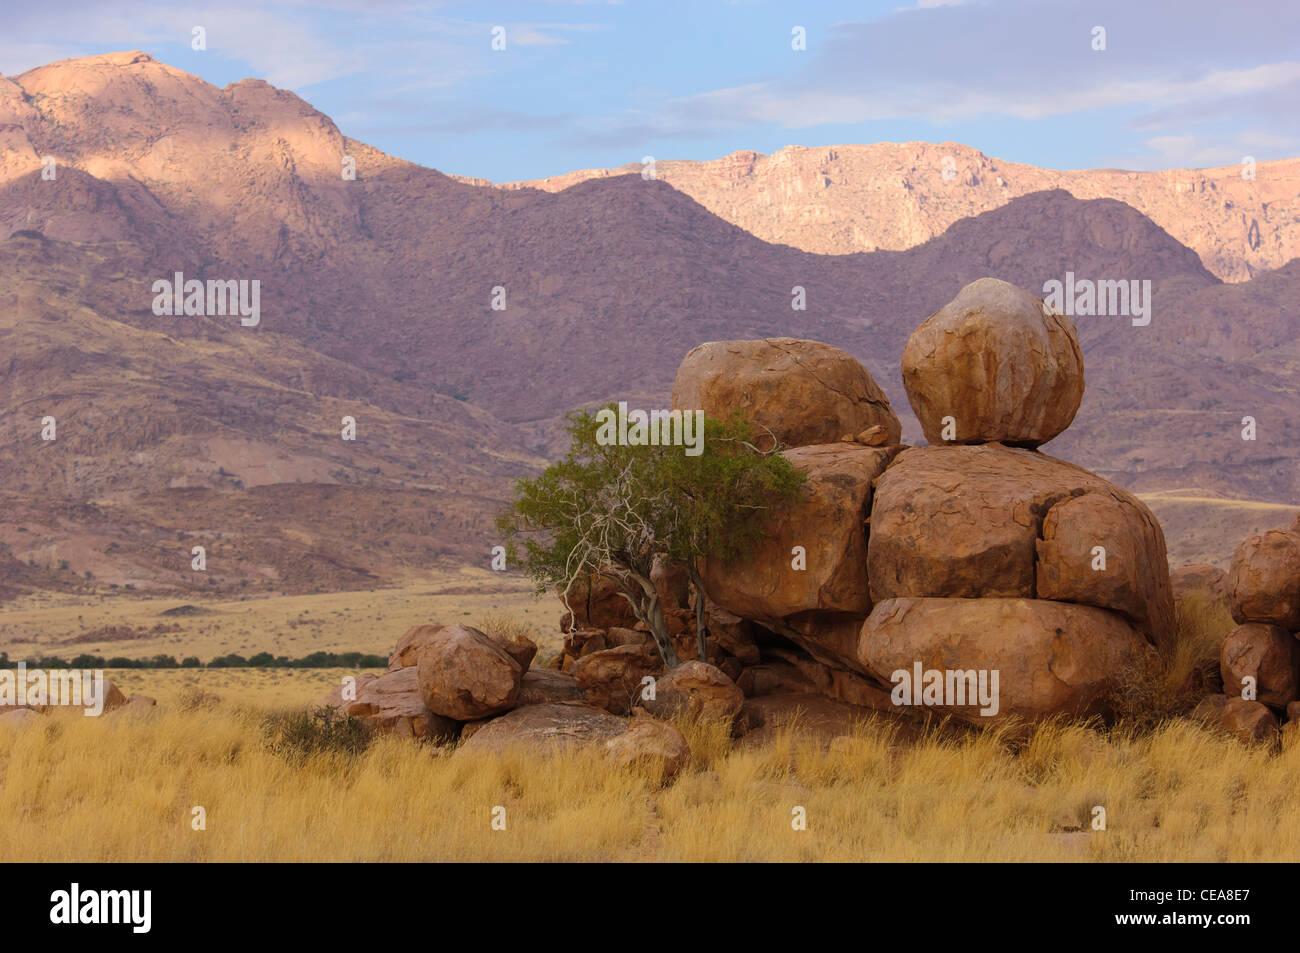 Rounded rocks on the plain near the Brandberg. Damaraland, Namibia - Stock Image